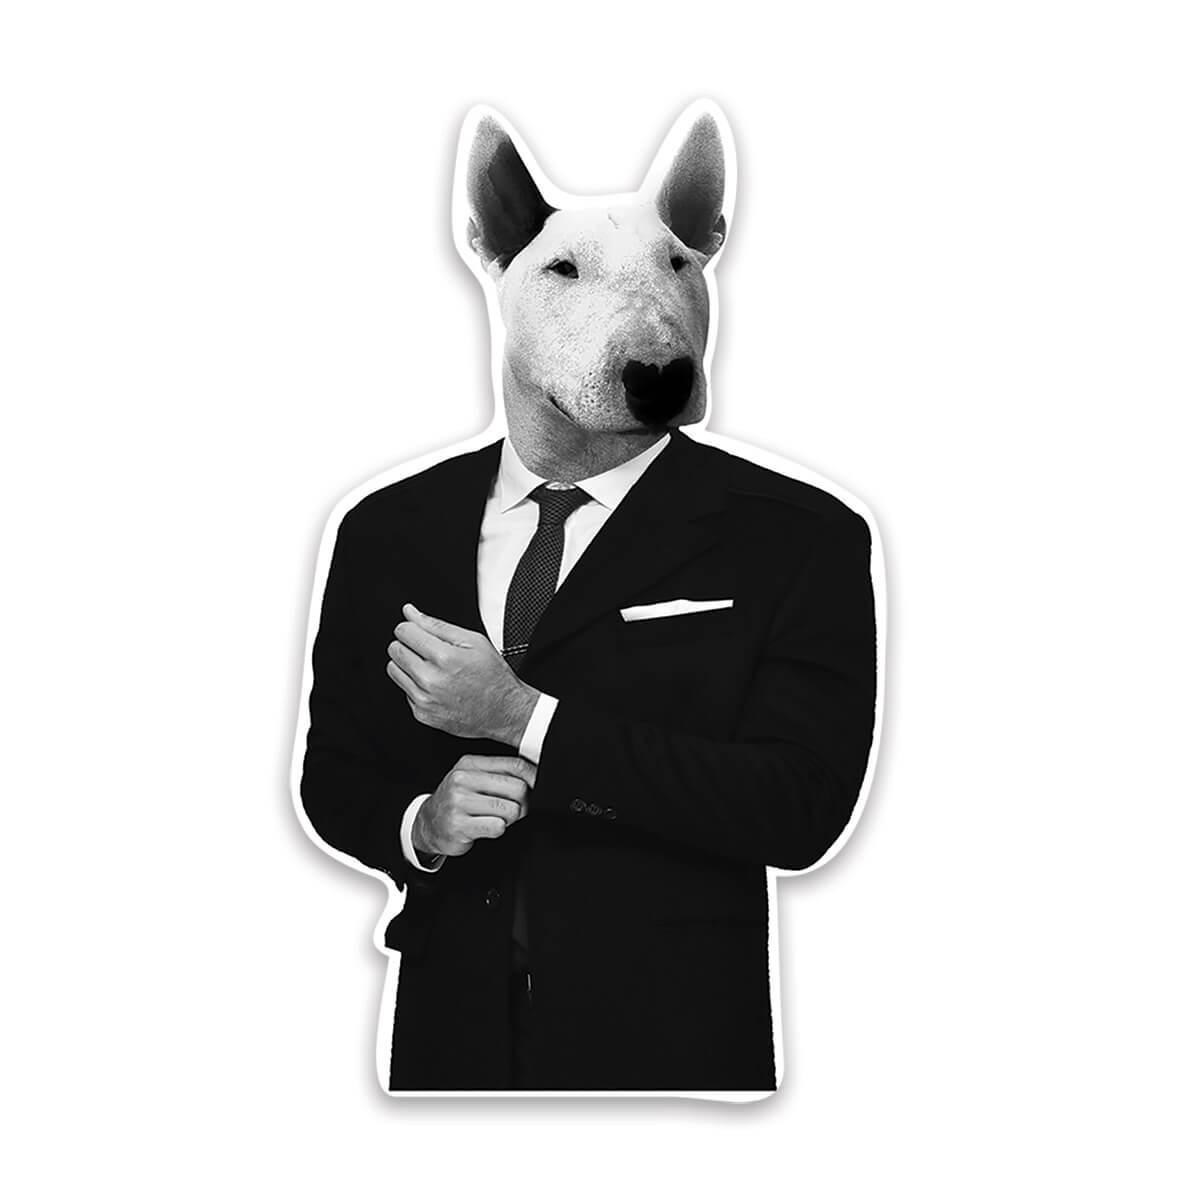 Bull Terrier Suit : Gift Sticker Funny Boss Work Dog Mafia Mob Pitbull